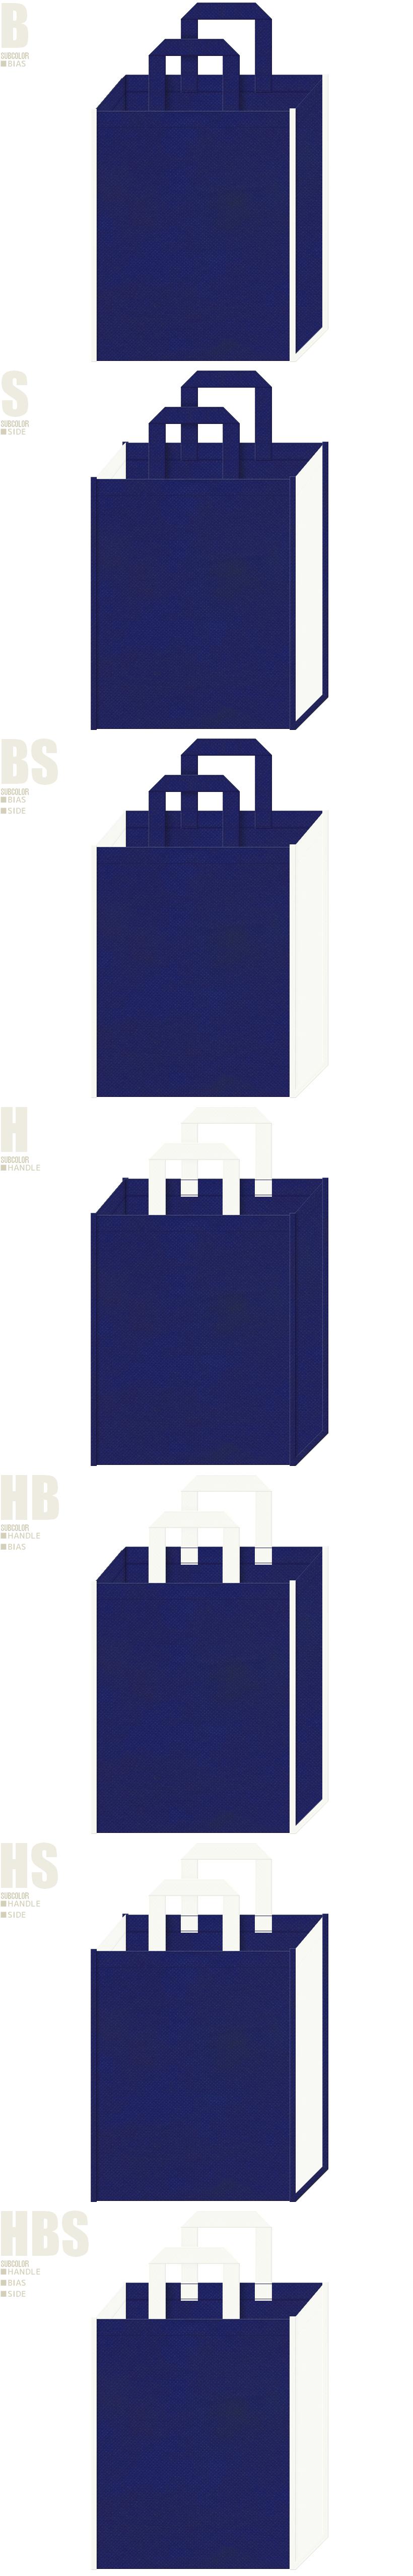 マリンファッションの展示会用バッグにお奨めの、紺紫色とオフホワイト色-7パターンの不織布トートバッグ配色デザイン例